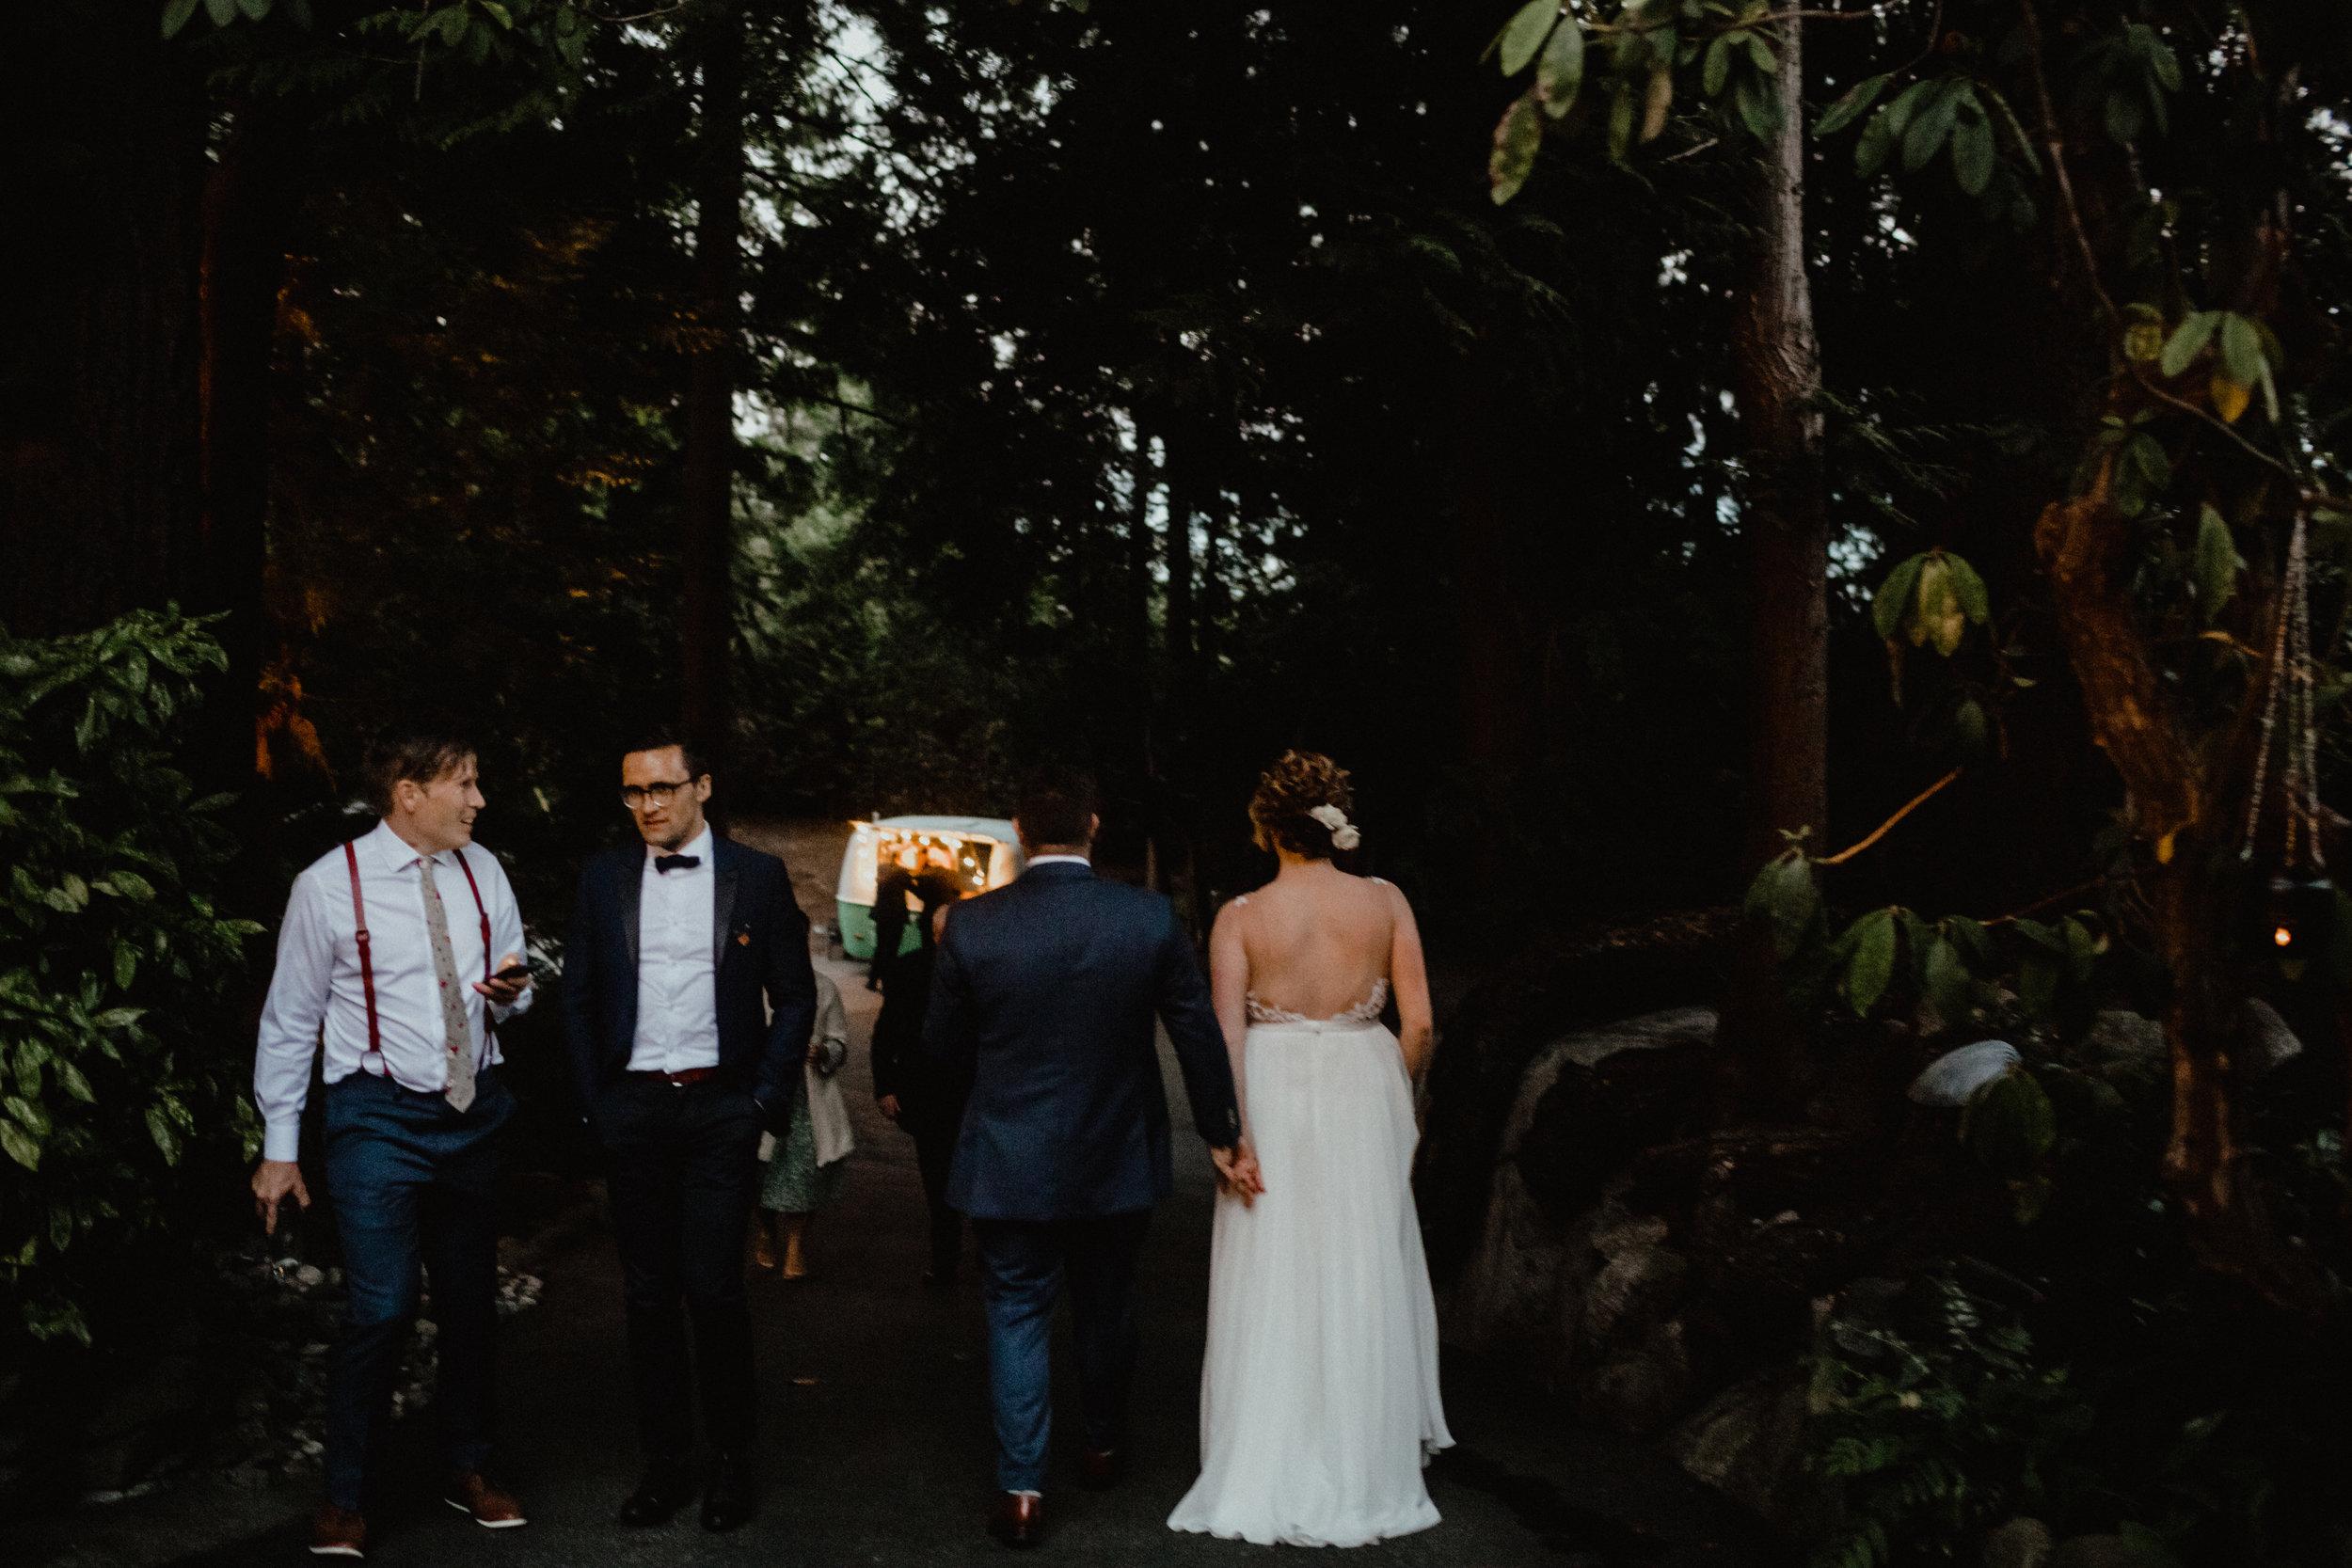 west-vancouver-backyard-wedding-309.jpg